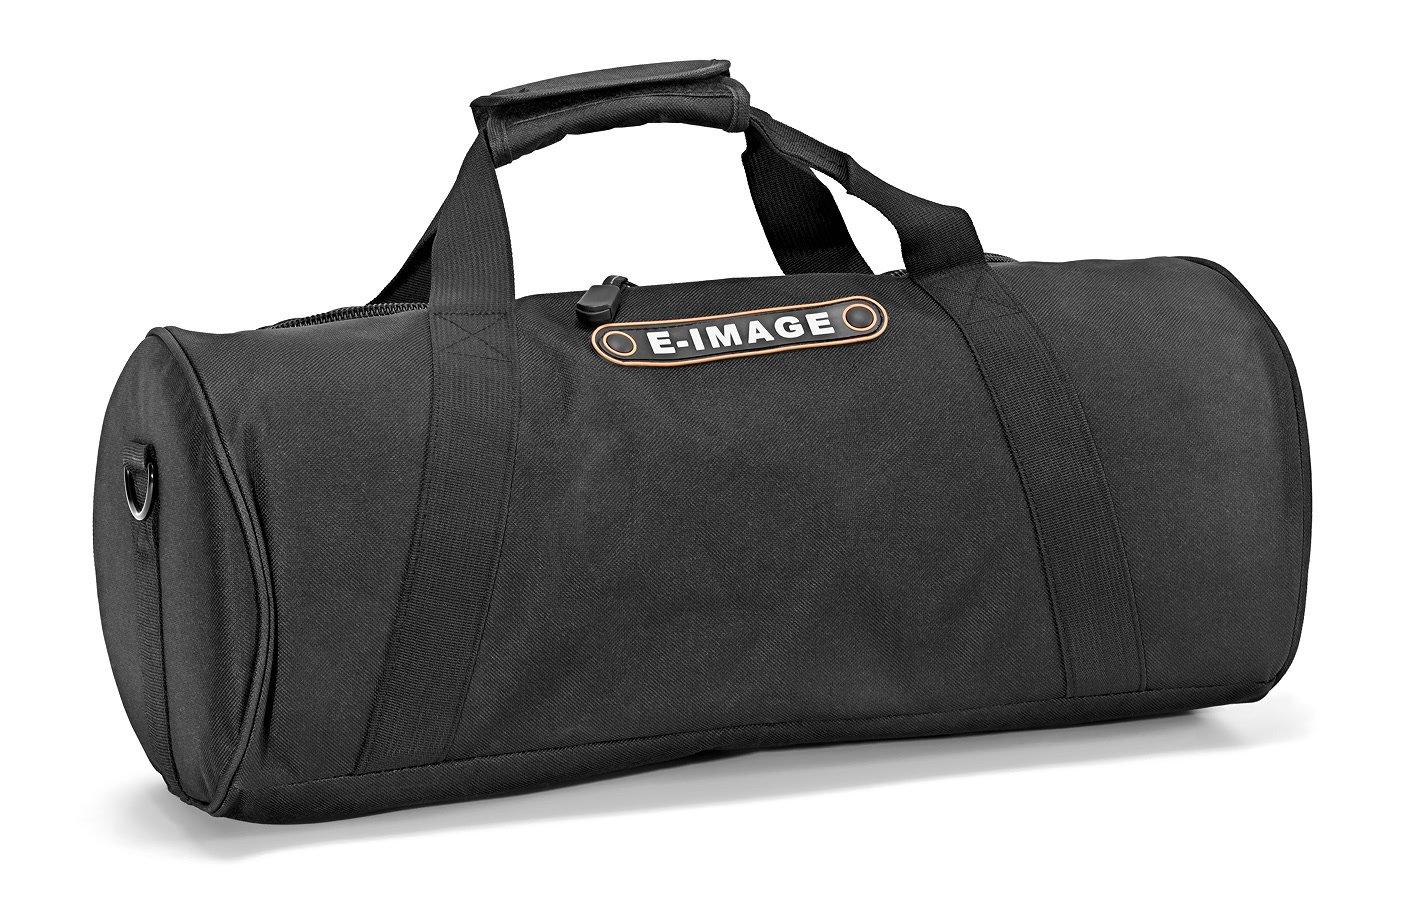 Zum Medium Stativ wird eine Tasche mitgeliefert.